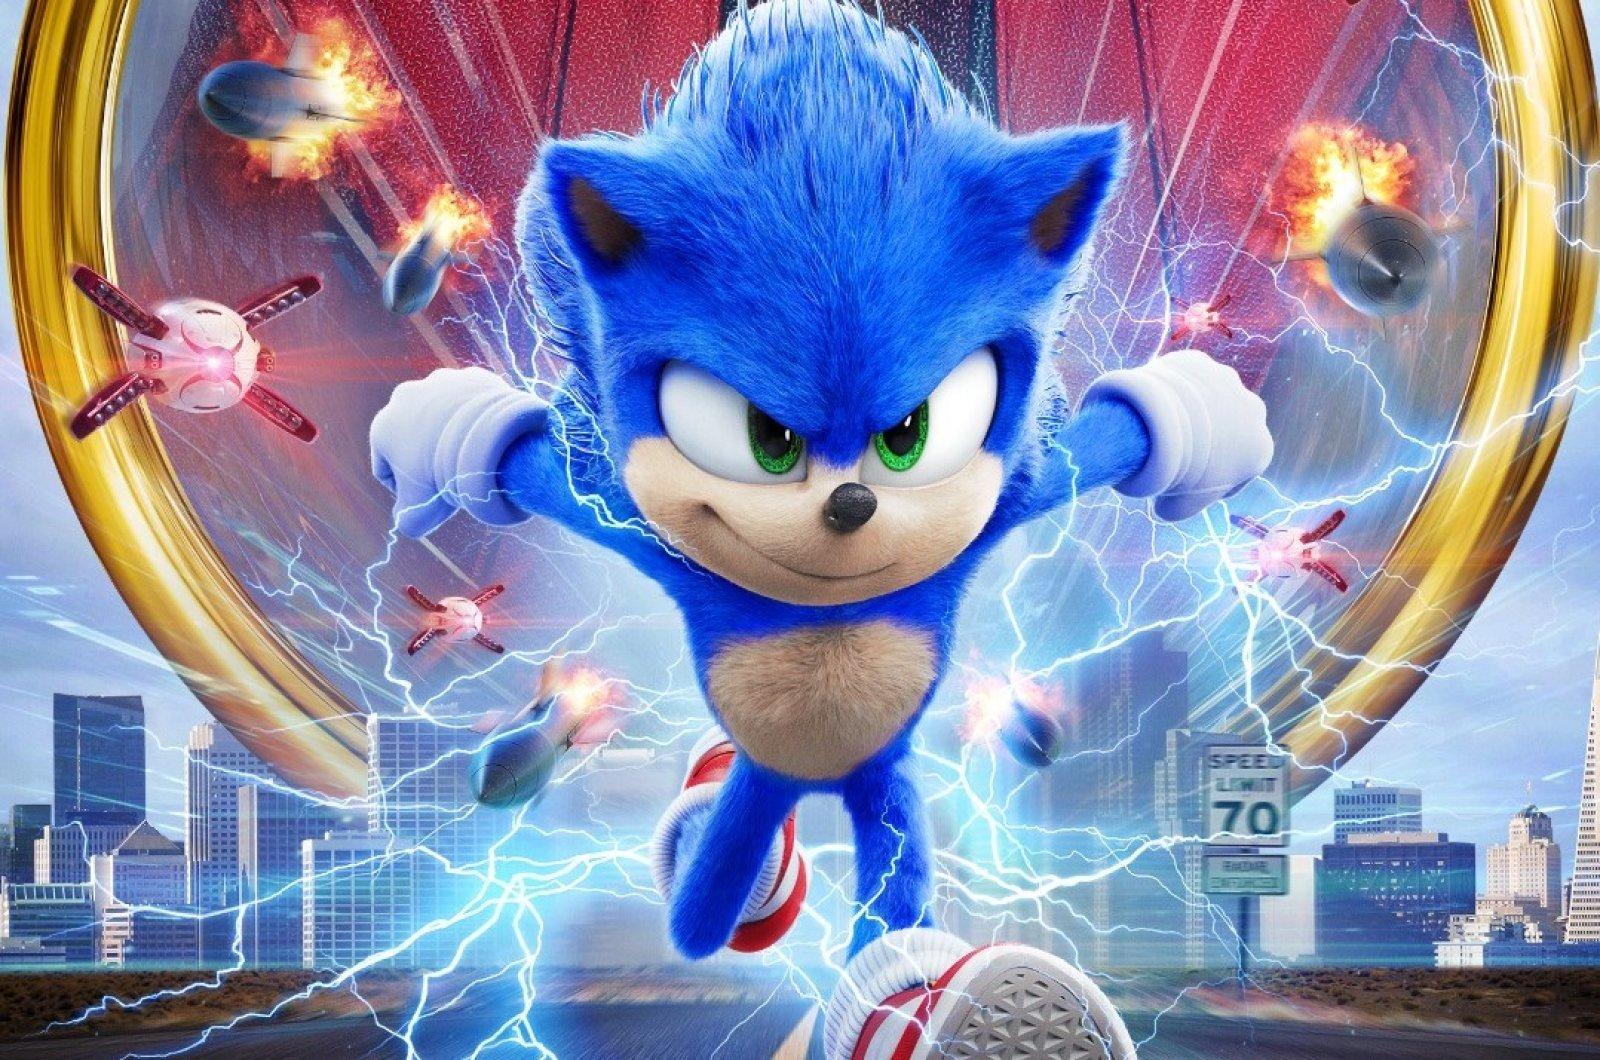 Adaptación live-action ¡Sonic the Hedgehog revela rediseño en nuevo tráiler!